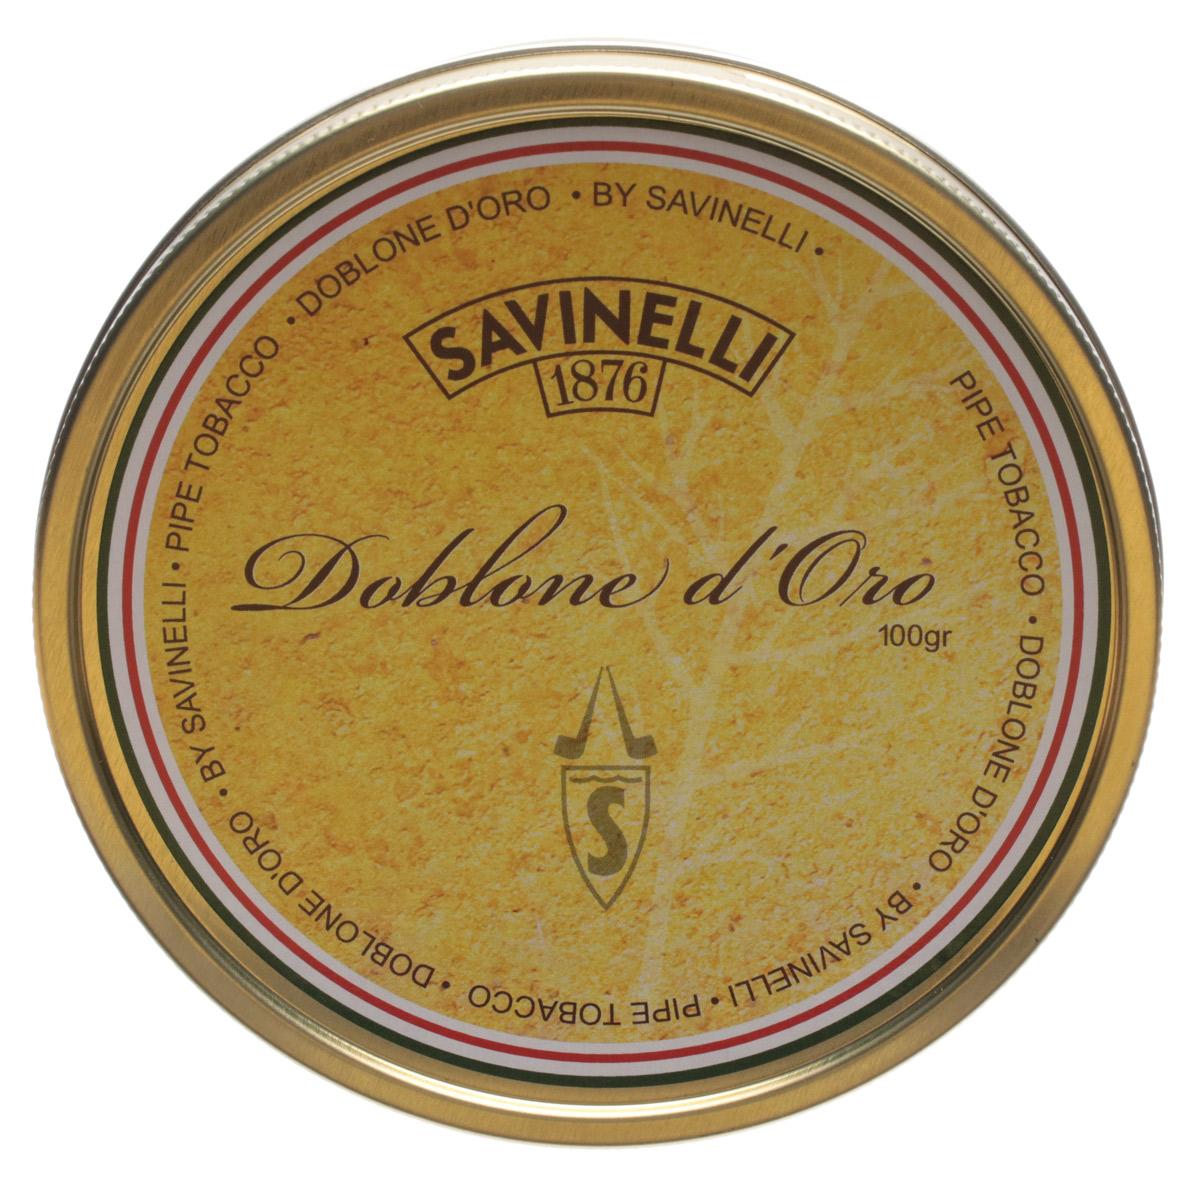 Savinelli Doblone d